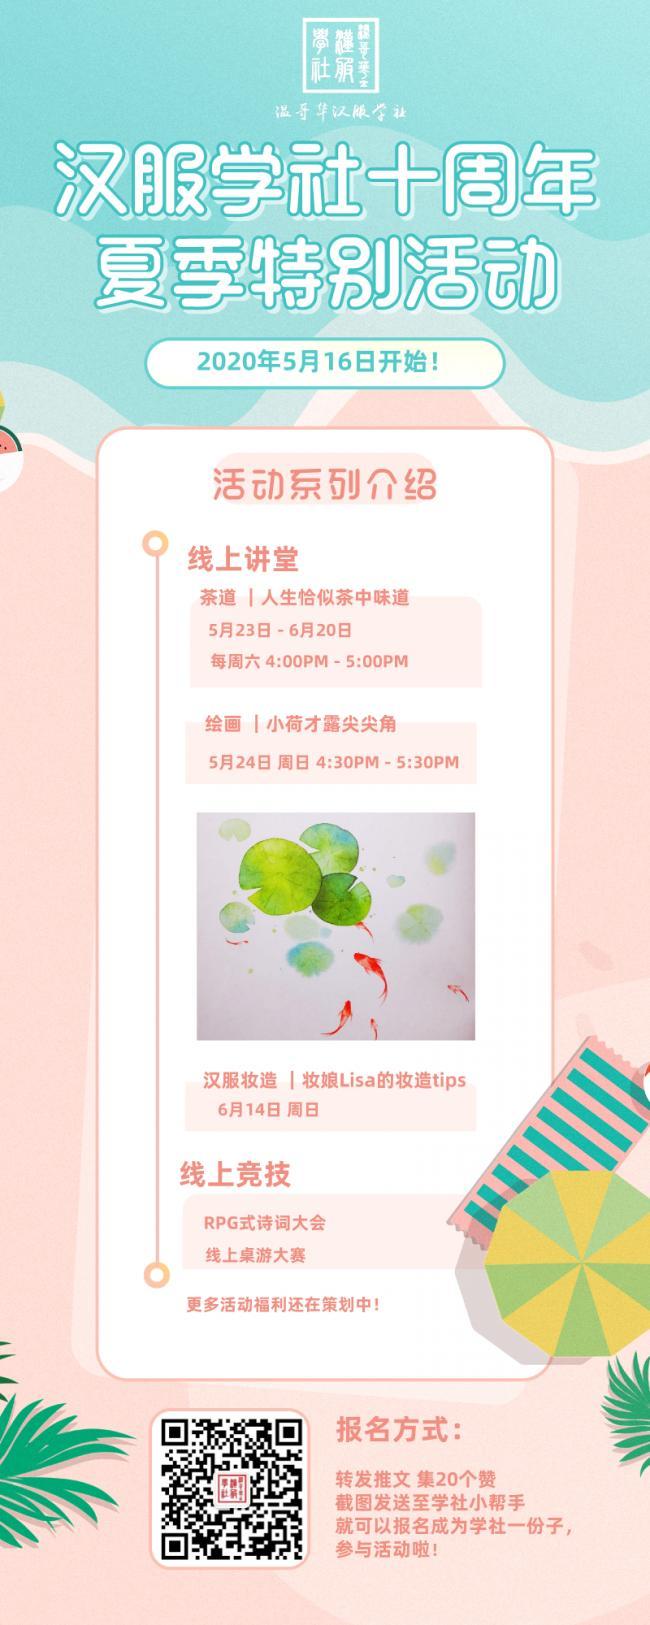 汉服学社_十周年_夏季活动_长图海报_2020-05-16-0 (1).png